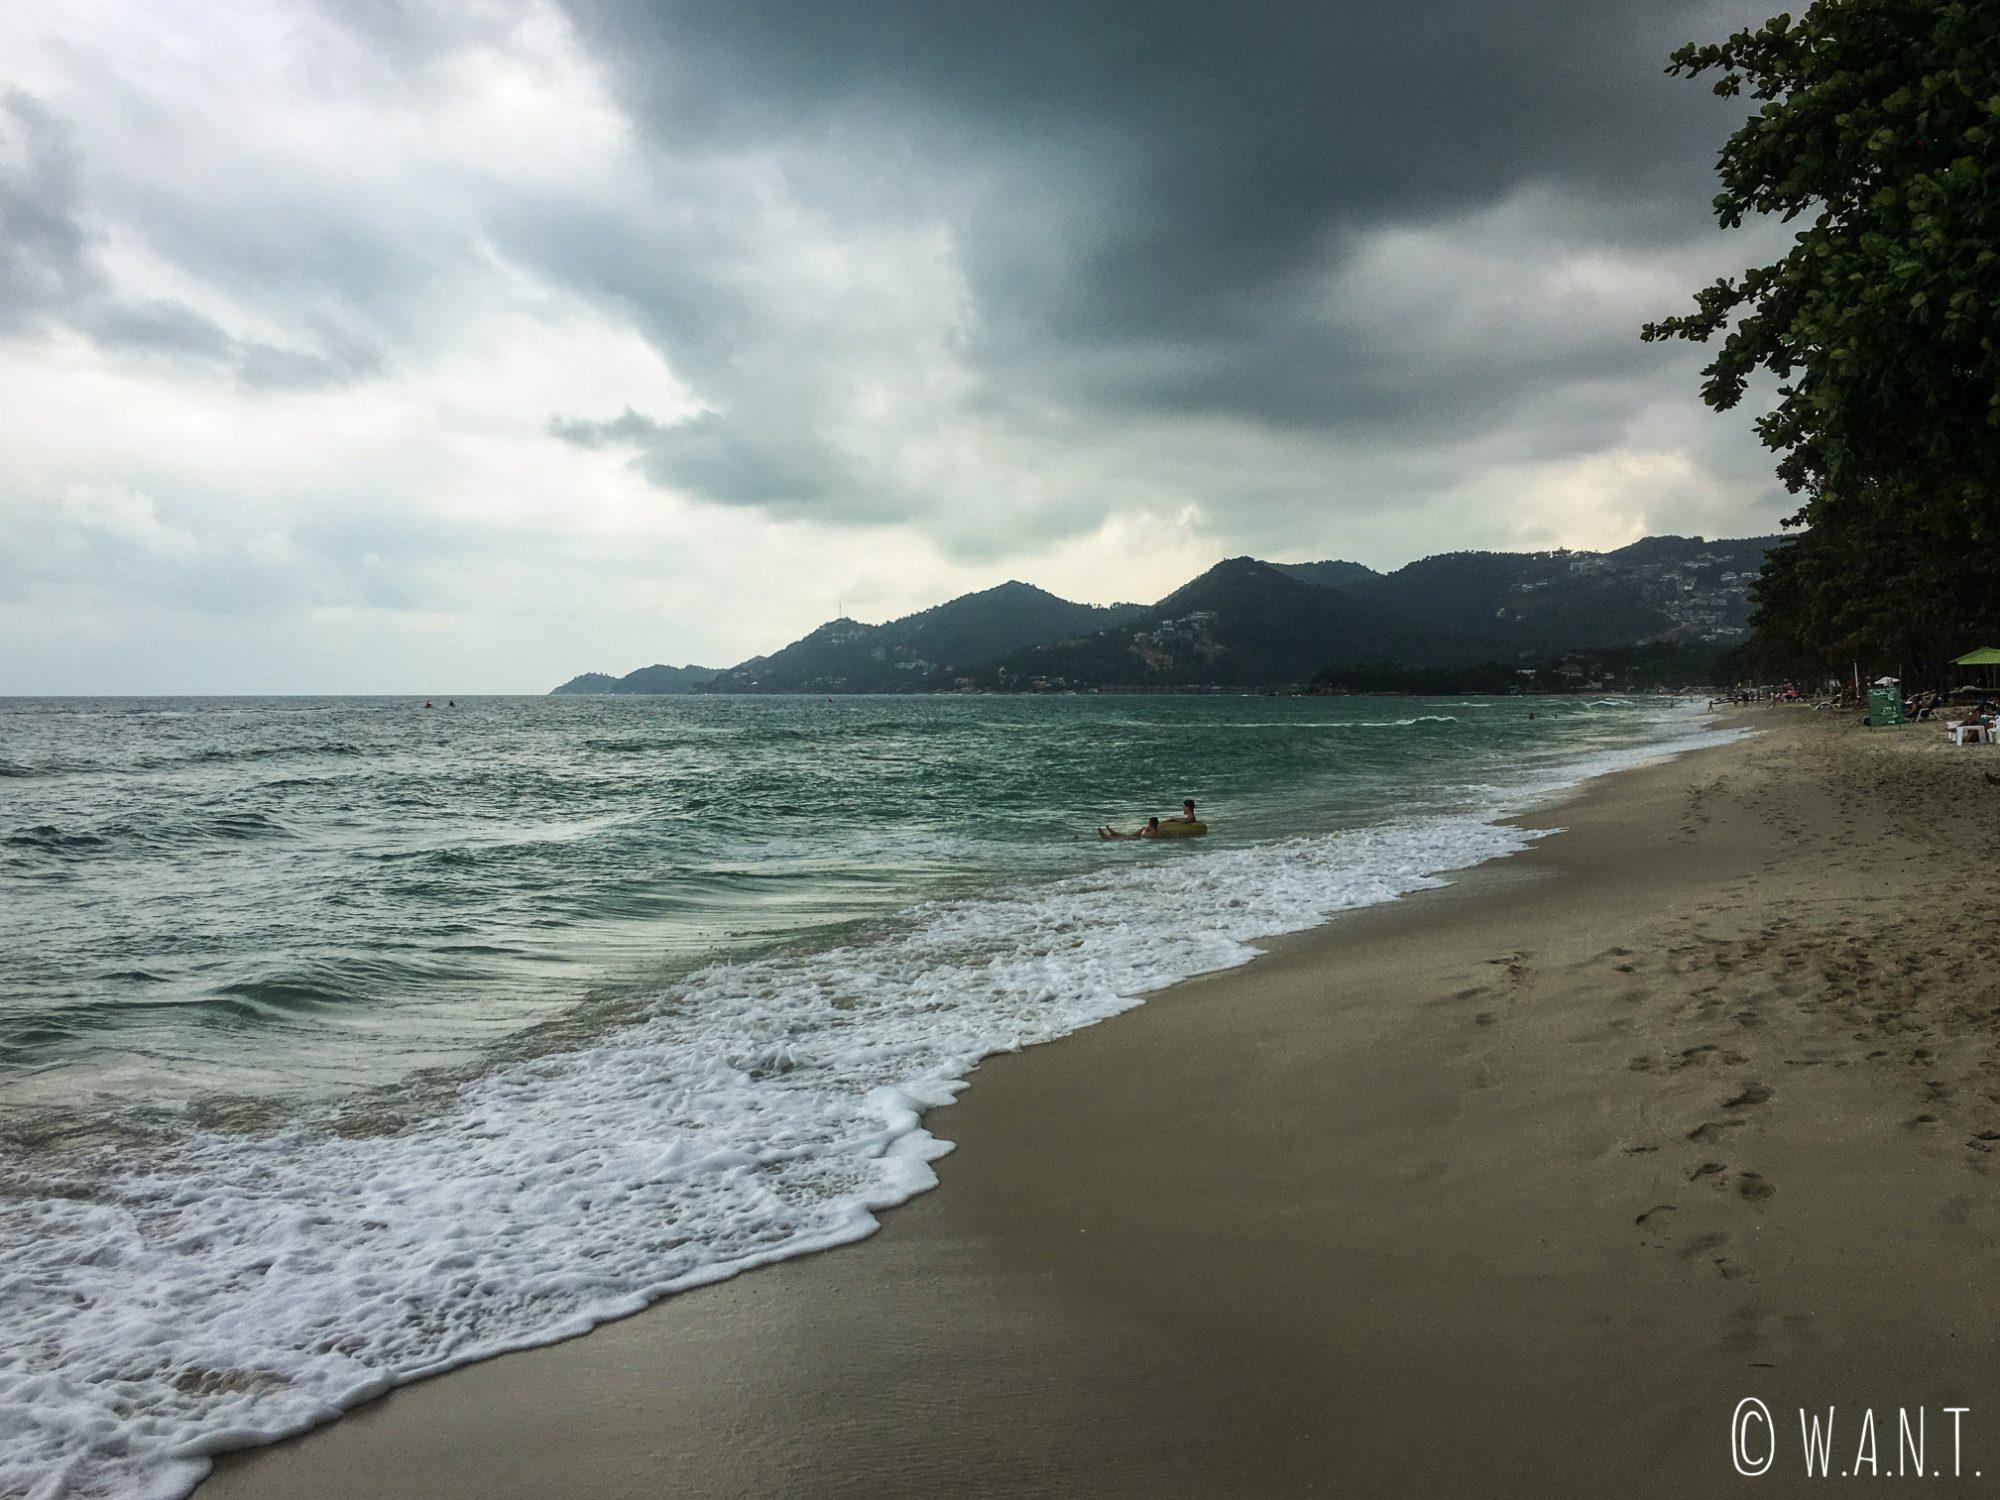 Plage de Chaweng sur l'île de Koh Samui